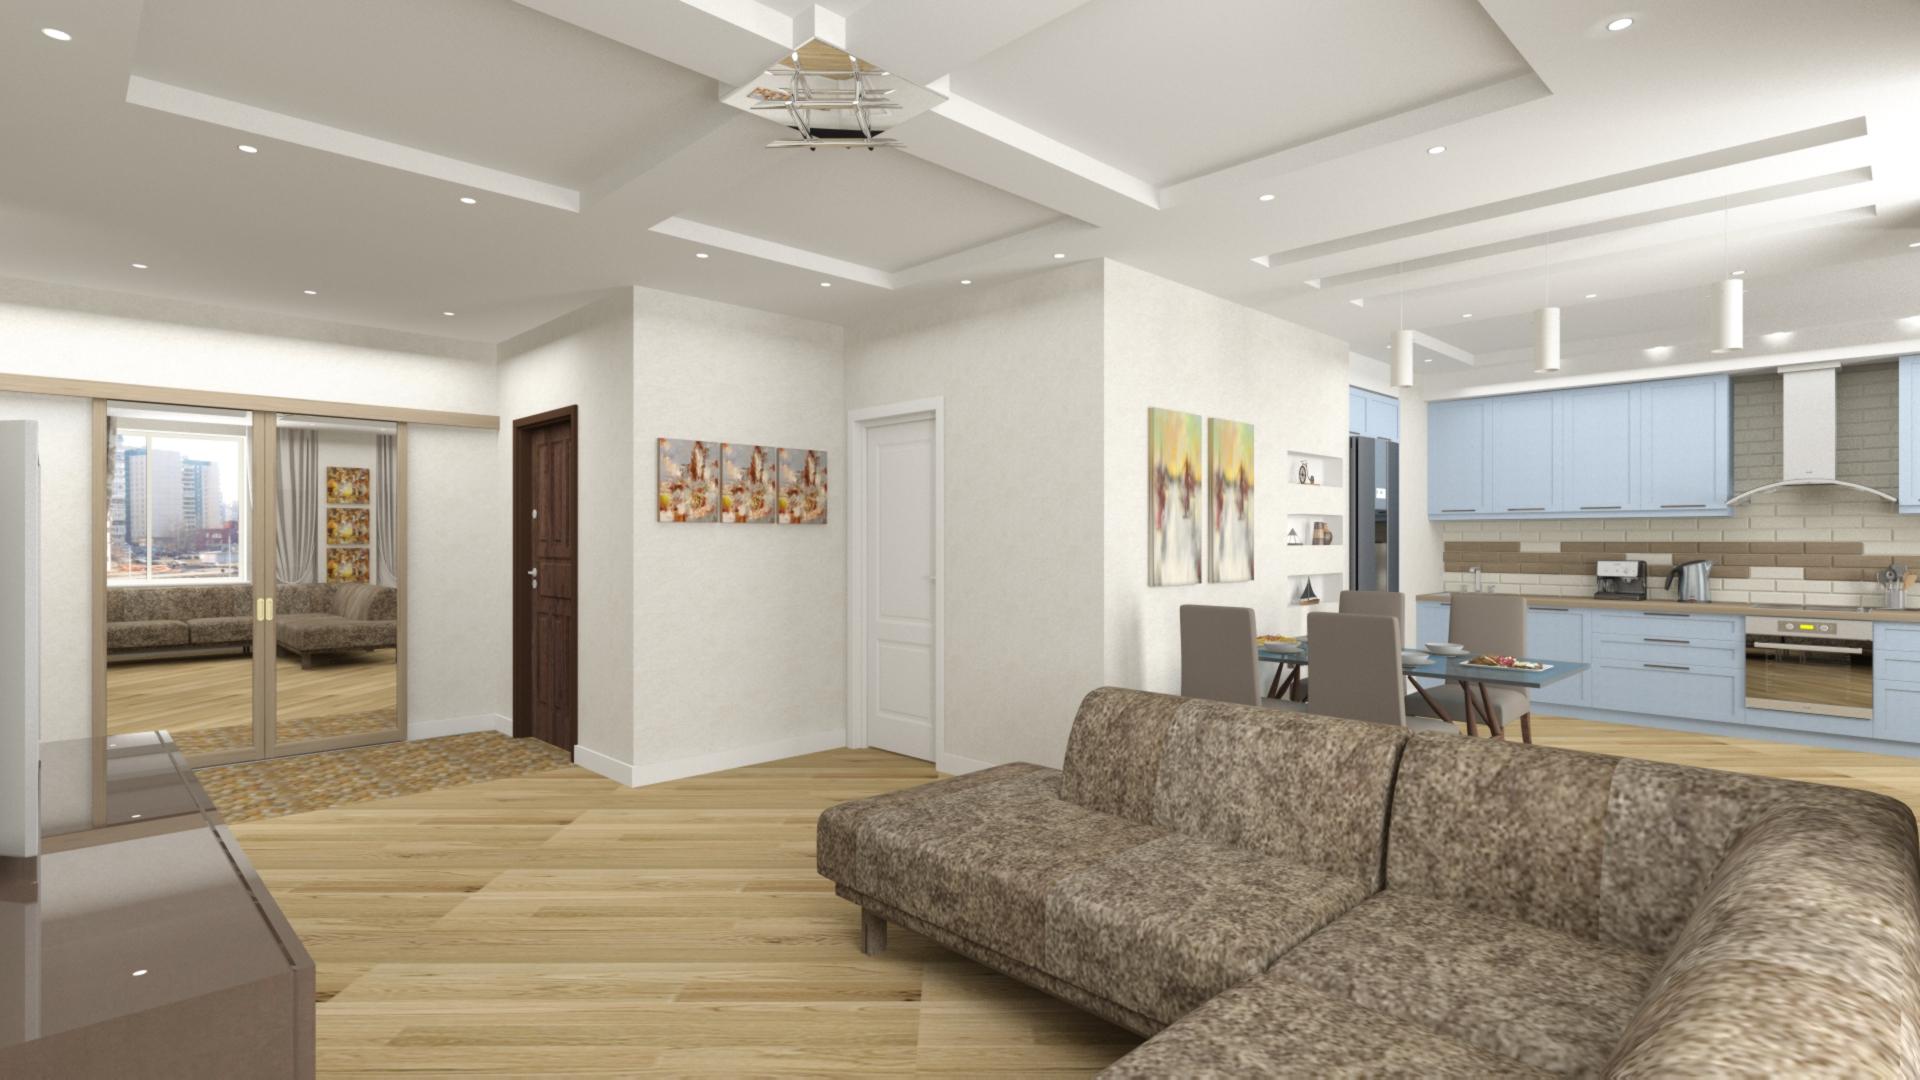 Трехкомнатная квартира 107 кв.м.